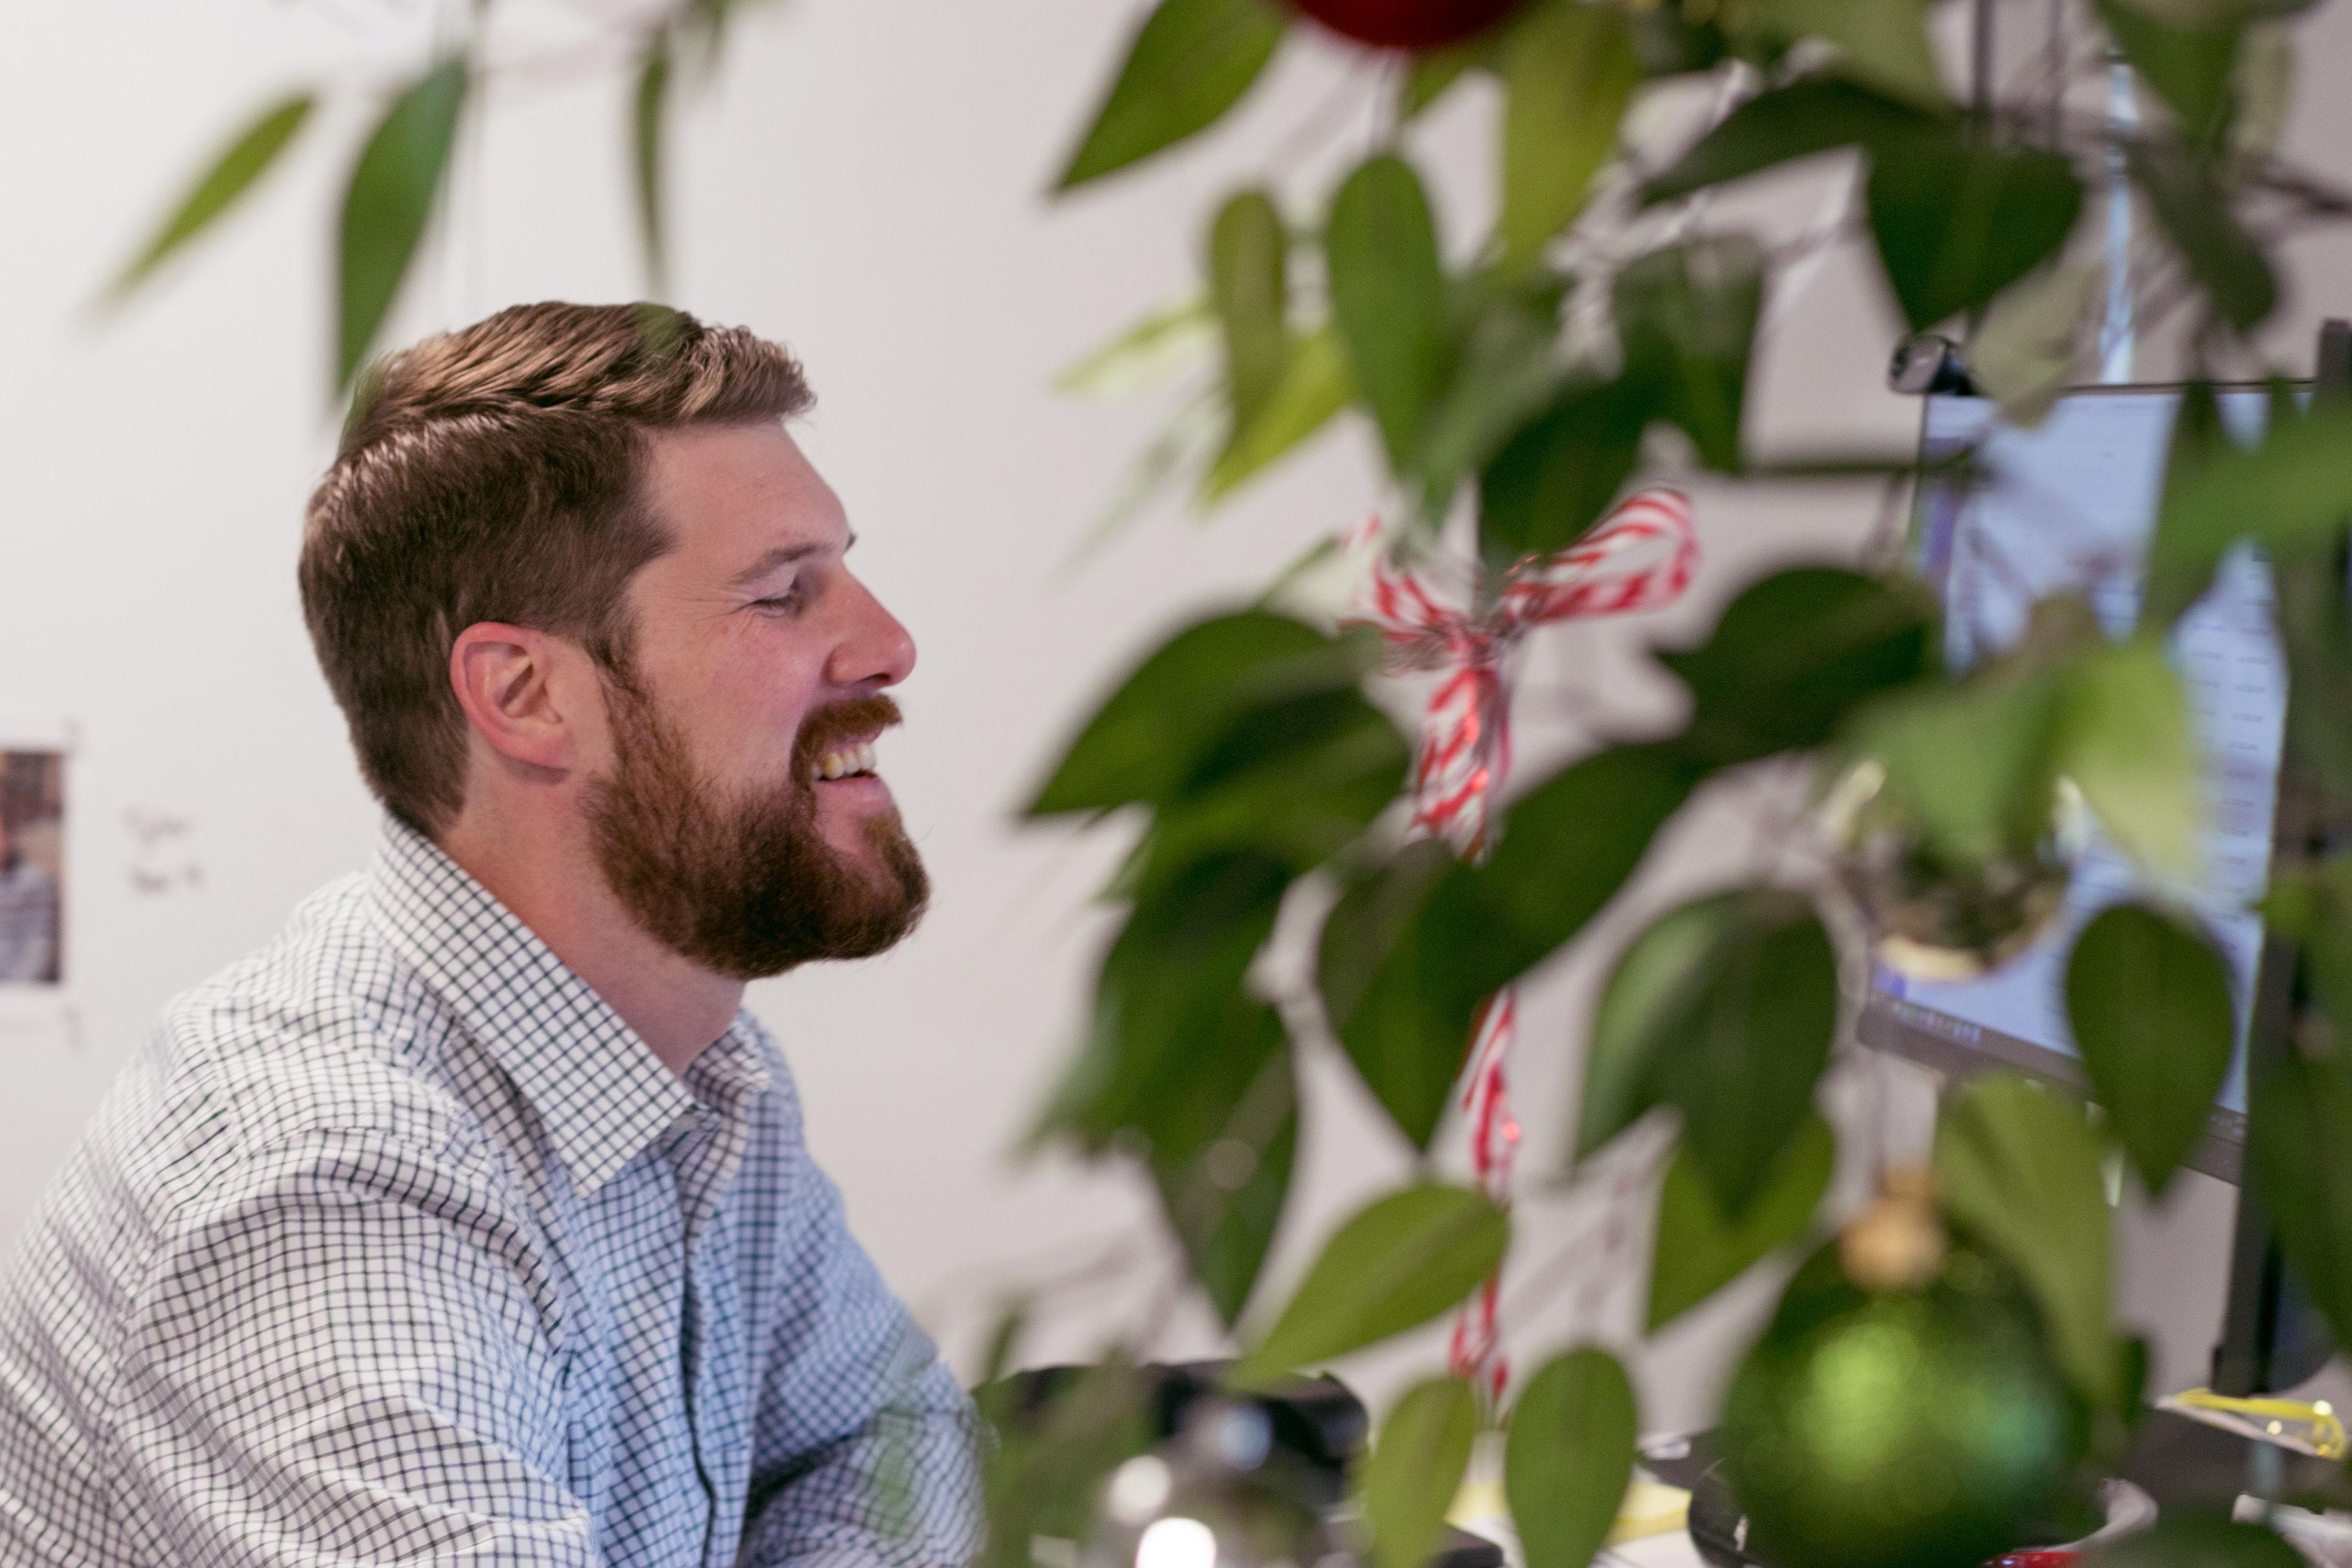 Adam laughing